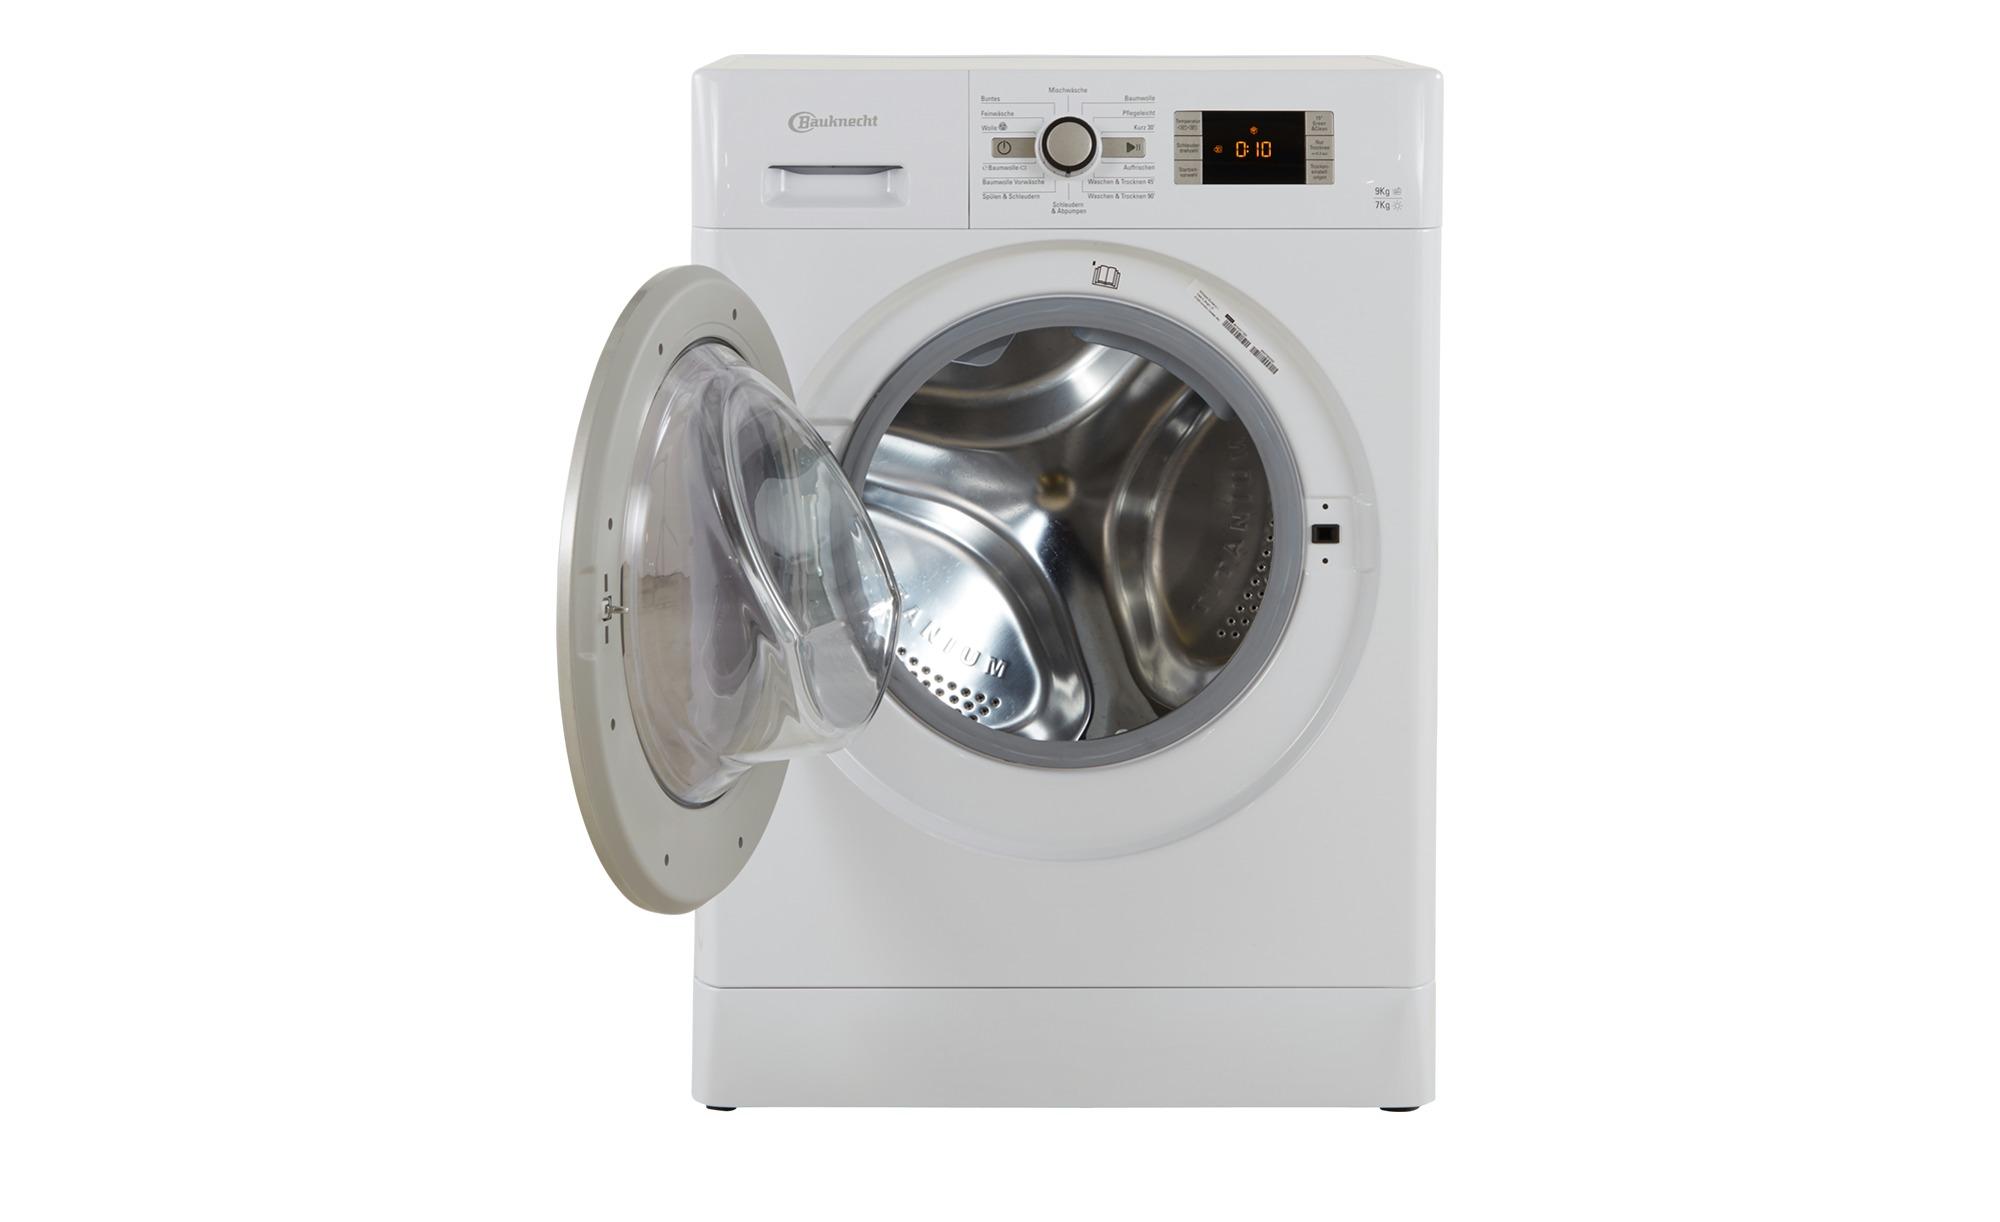 Bauknecht Waschtrockner Watk Prime 9716 Bei Möbel Kraft Online Kaufen